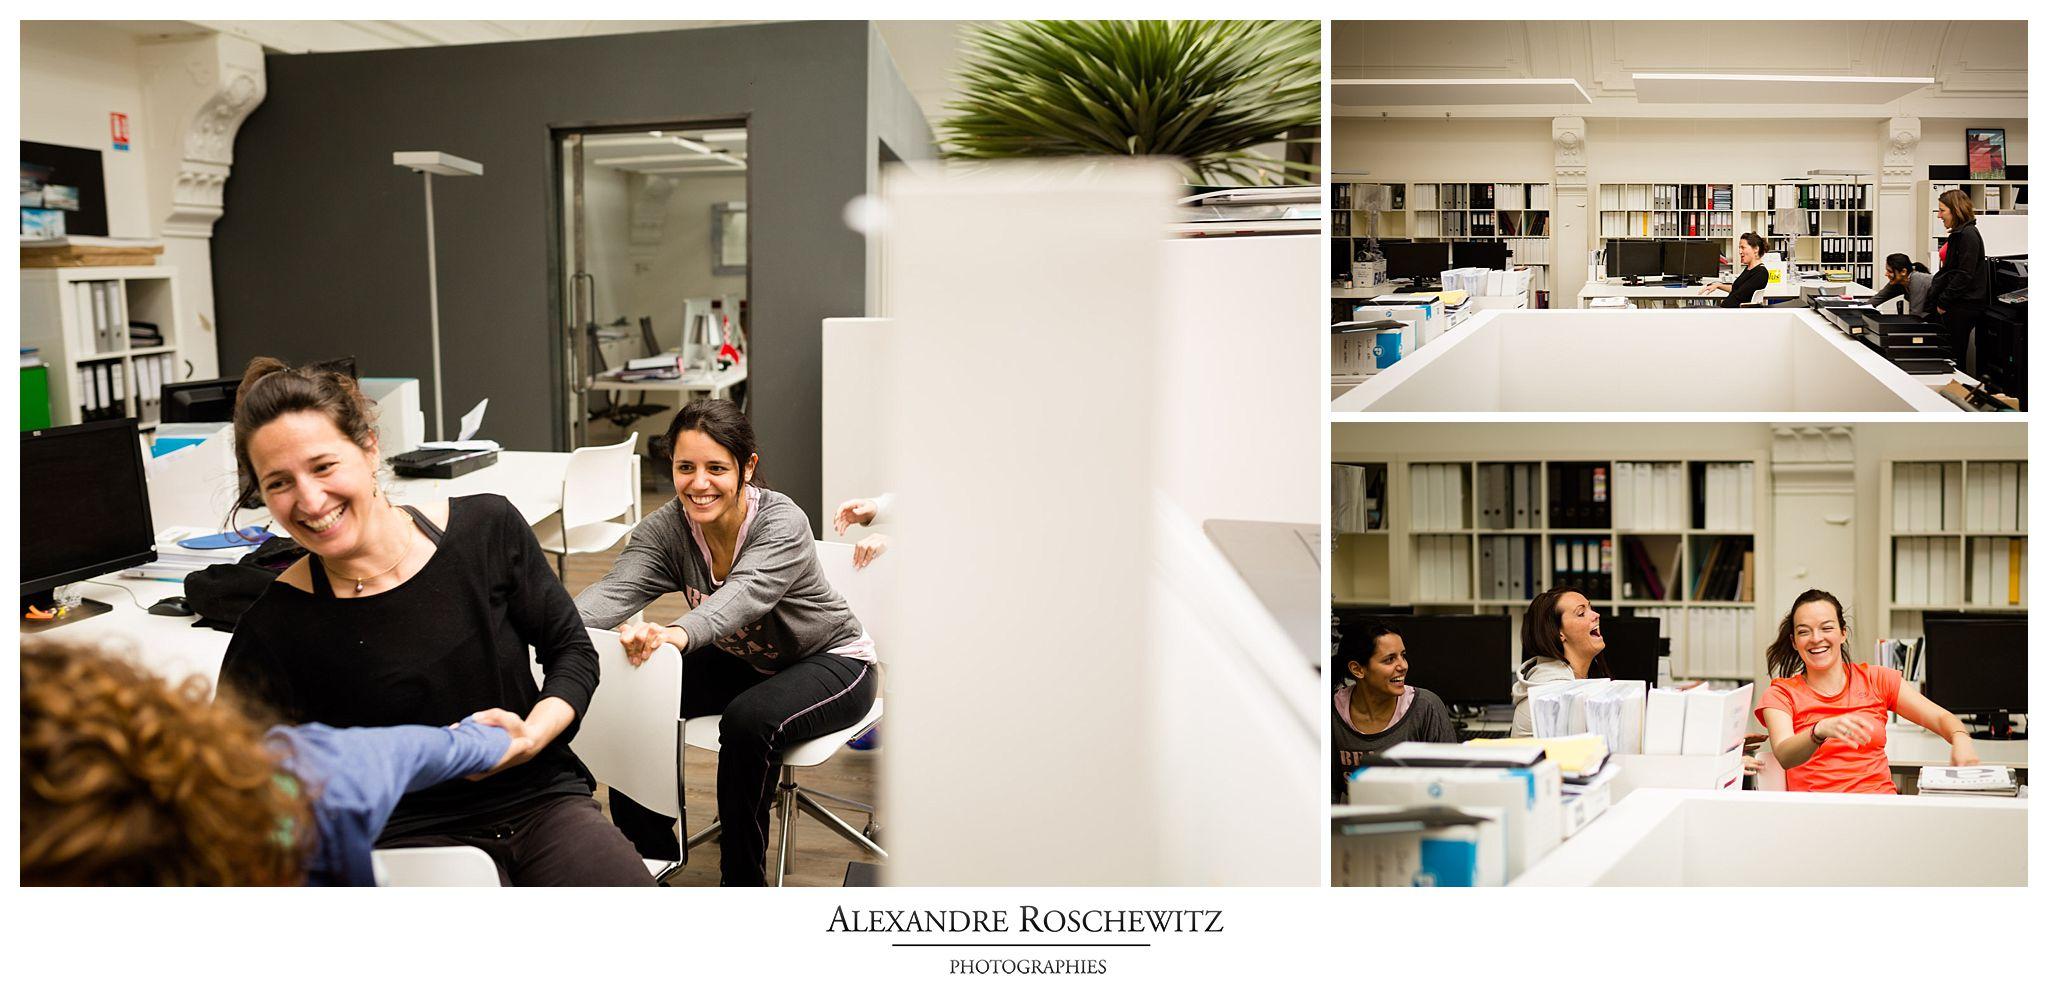 Un nouveau concept proposé par Maud, mariée 2015 : l'EVJF, 1 an après ! Des copines, du sport, des photos. Alexandre Roschewitz Photographies